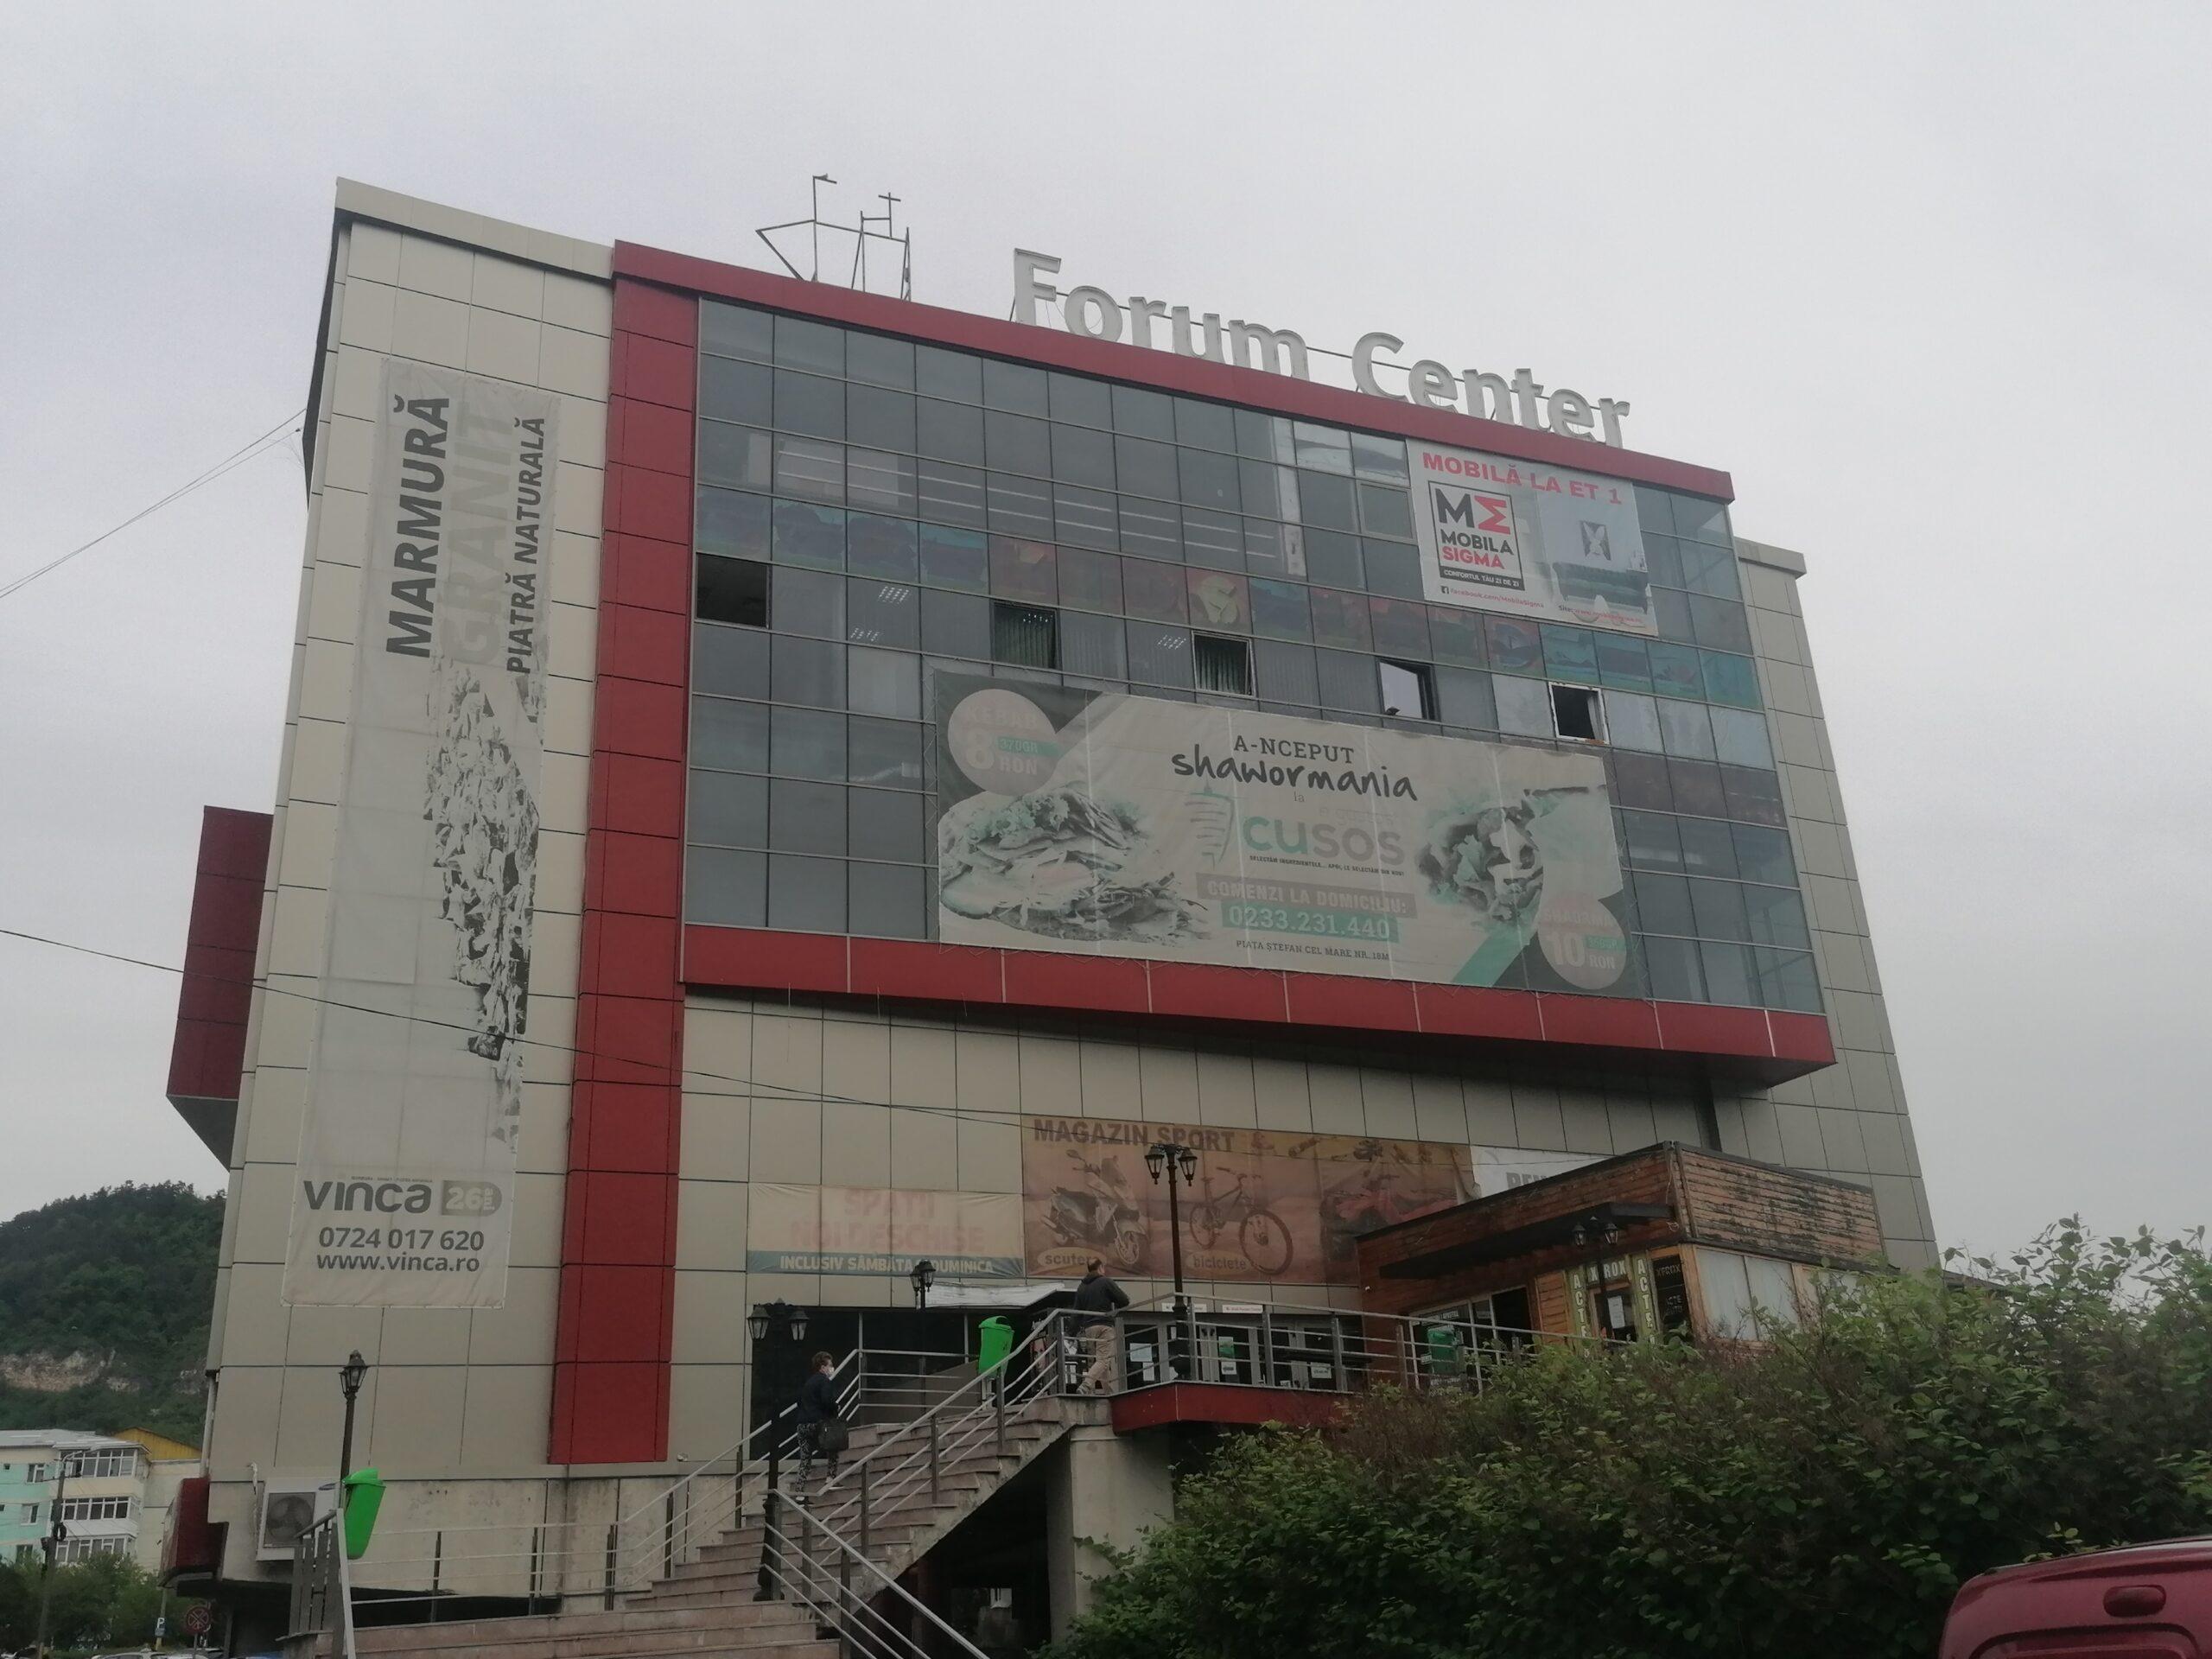 Mentenanţă în fals plătită pe bani grei pentru scările rulante blocate de la mall-ul Primăriei Piatra-Neamţ